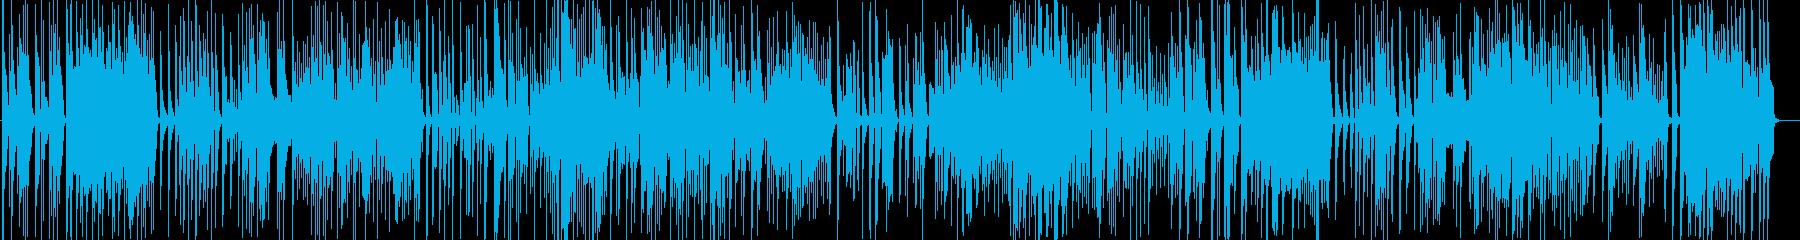 アイネクライネナハトムジーク・ウクレレの再生済みの波形